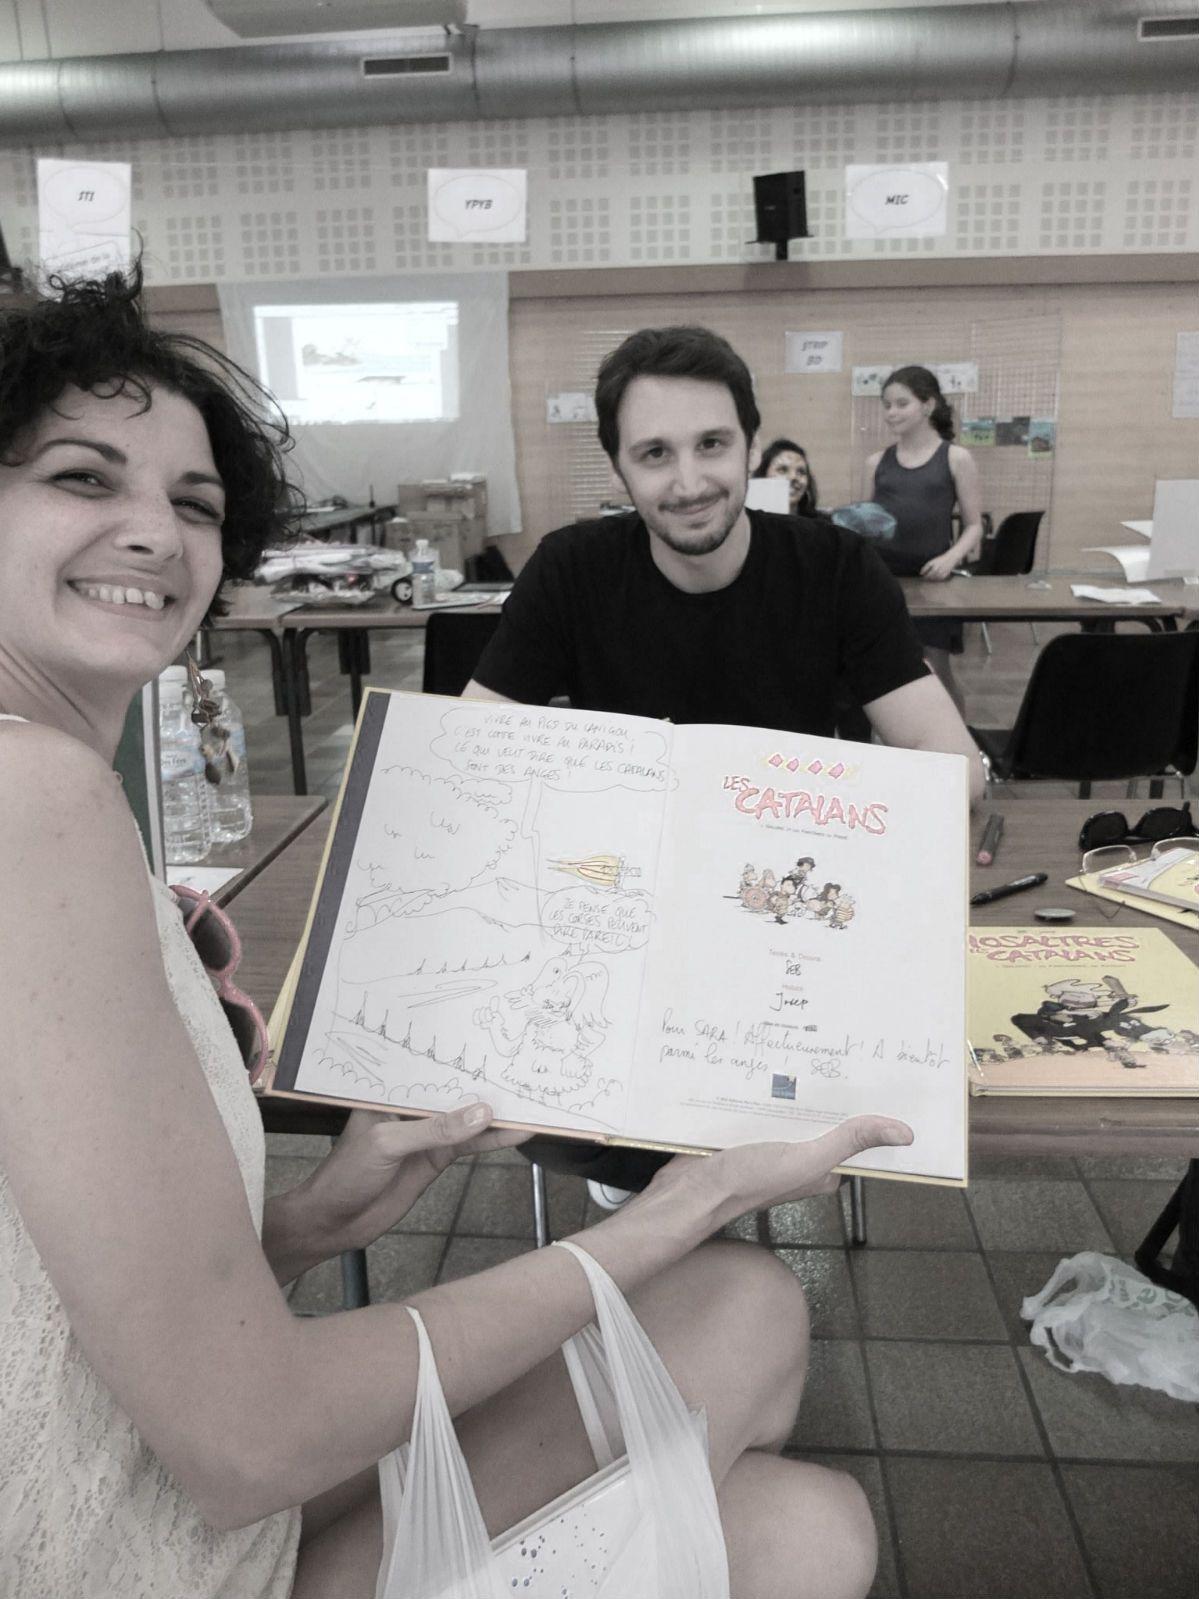 L'univers occitan et catalan dans le monde de la BD Avec